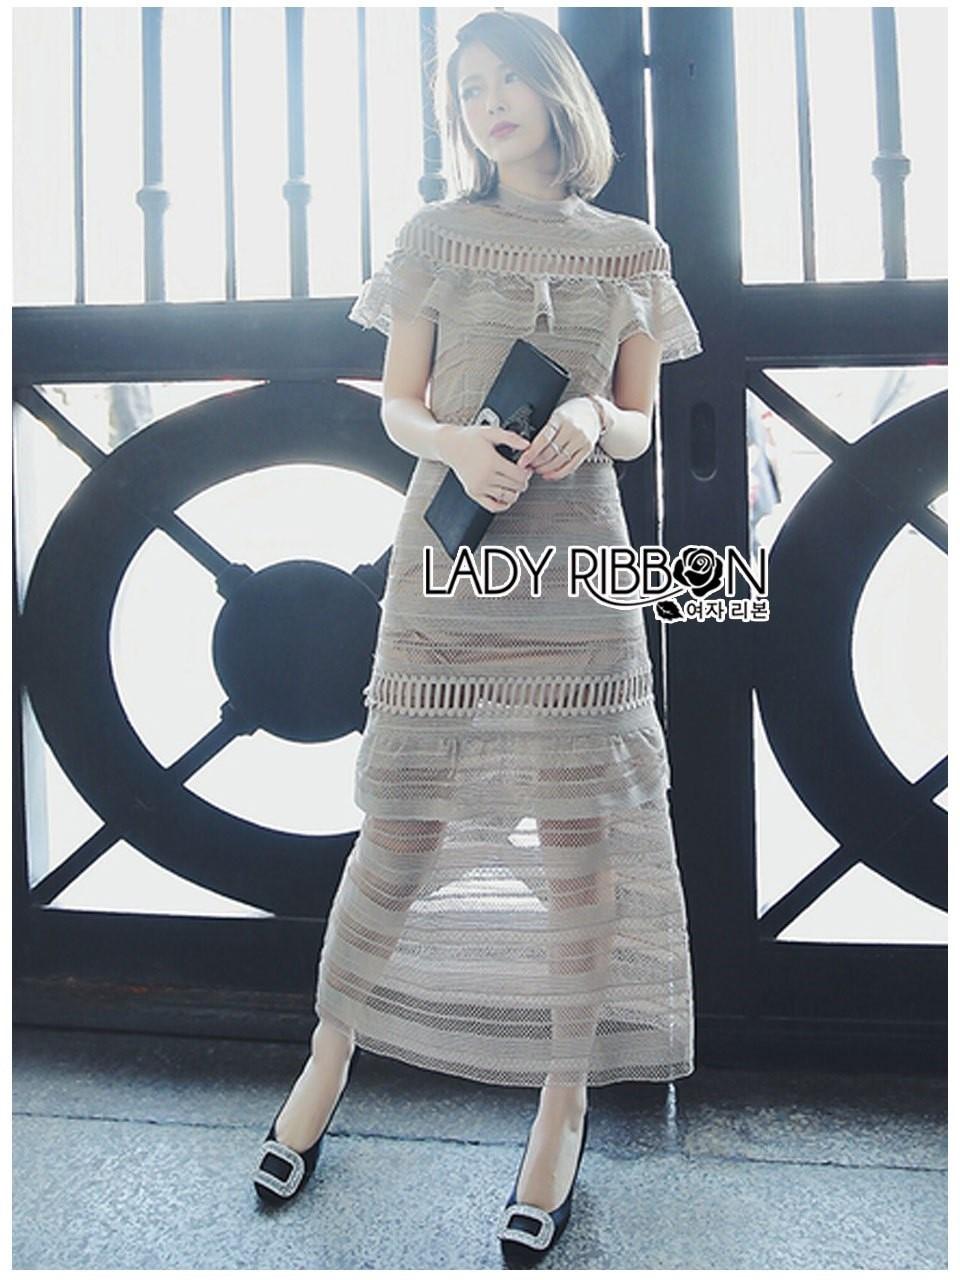 ชุดเดรสเกาหลีพร้อมส่ง เดรสยาวผ้าลูกไม้สีน้ำตาลกากีจากแบรนด์Self Portrait